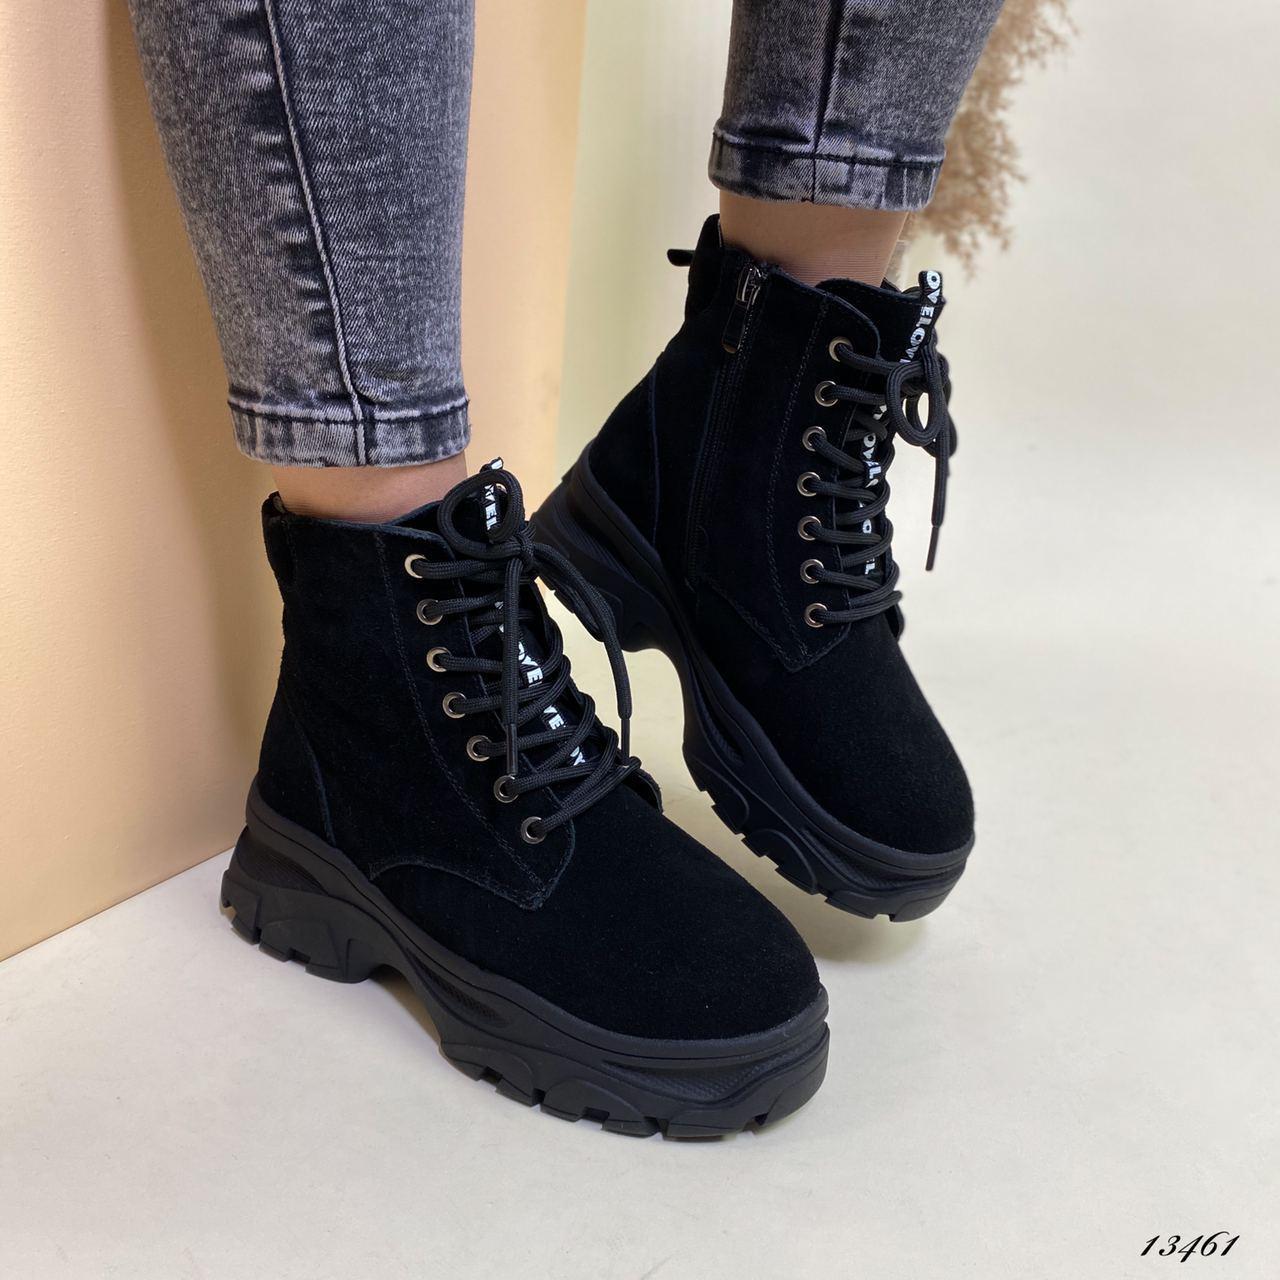 Ботинки зимние женские натуральная замша